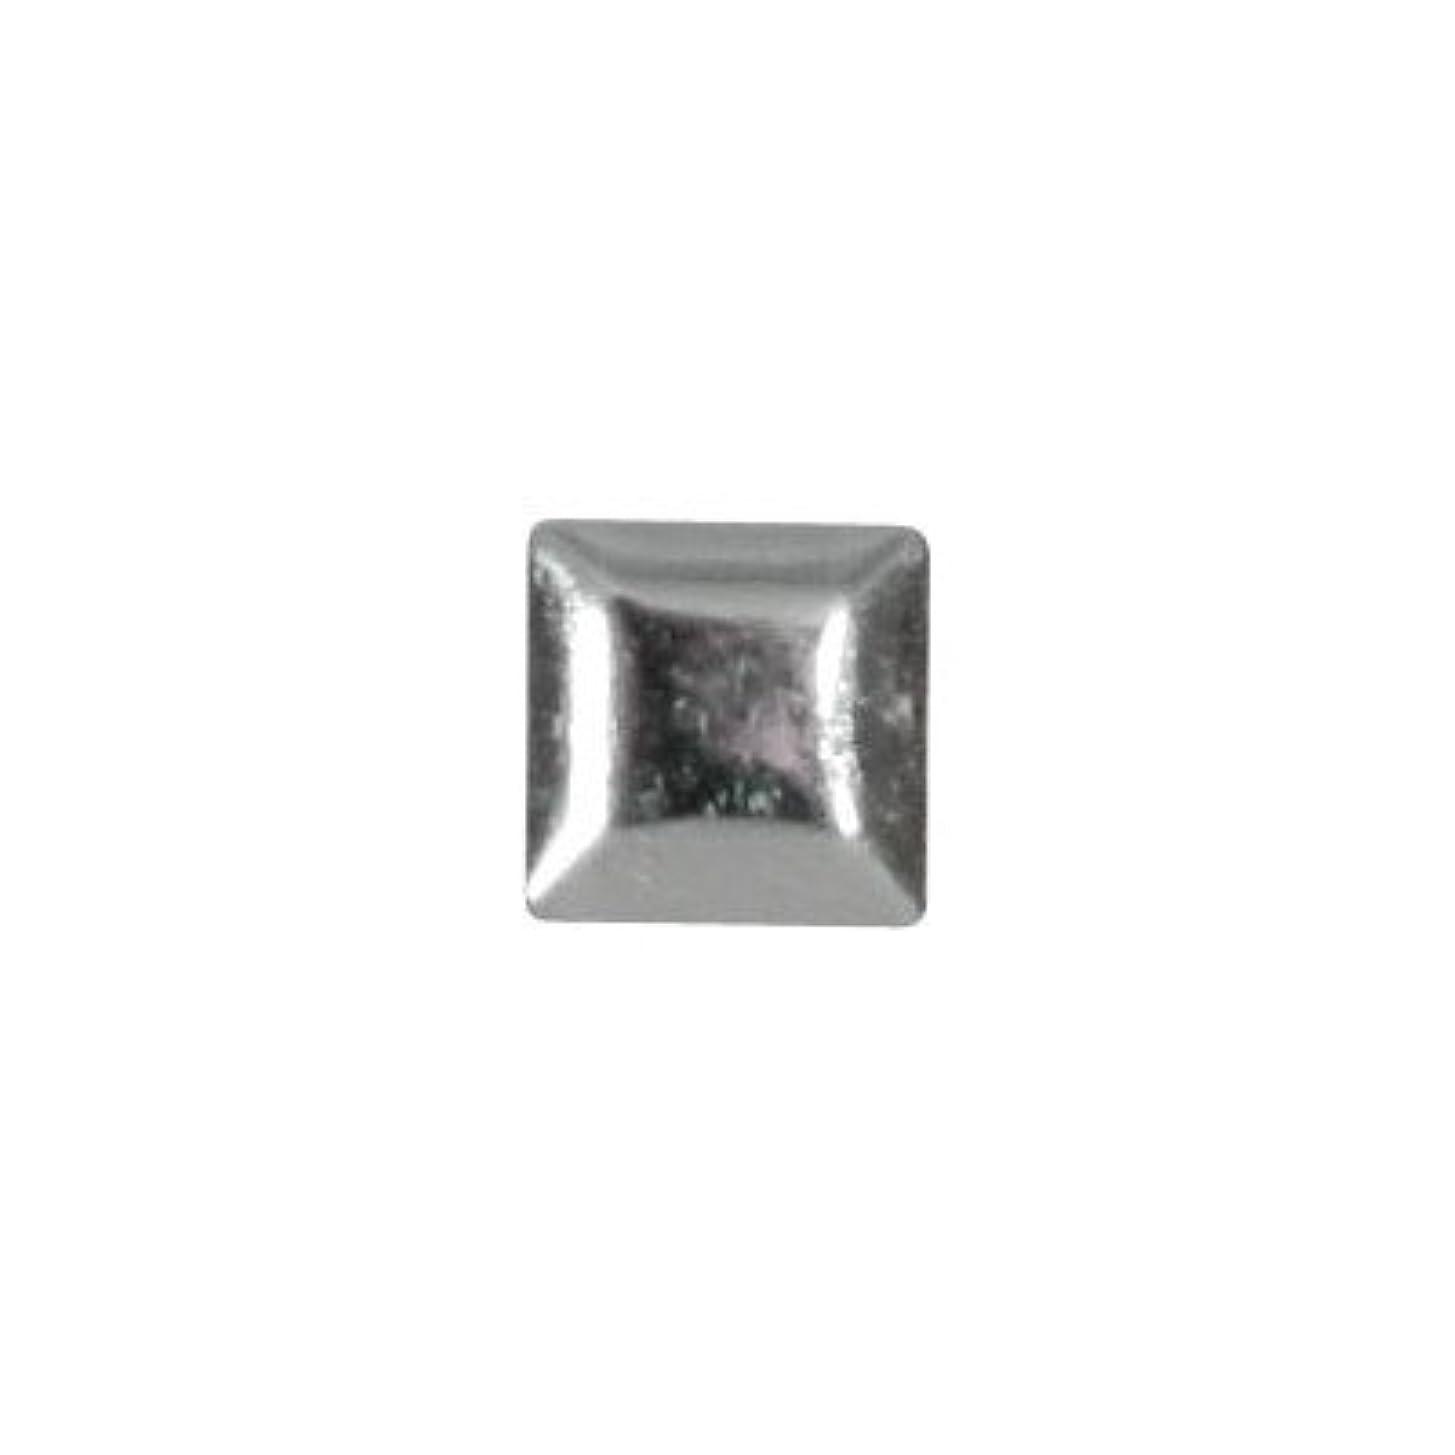 簡単なミュウミュウ解釈するピアドラ スタッズ メタルスクエア 3mm 50P シルバー